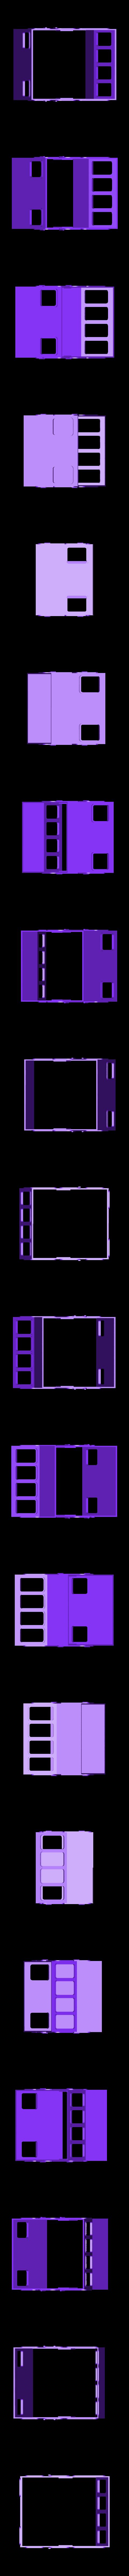 nastavbahorni.stl Download STL file MONAKO RC MODEL BOAT TUG • 3D printable template, maca-artwork